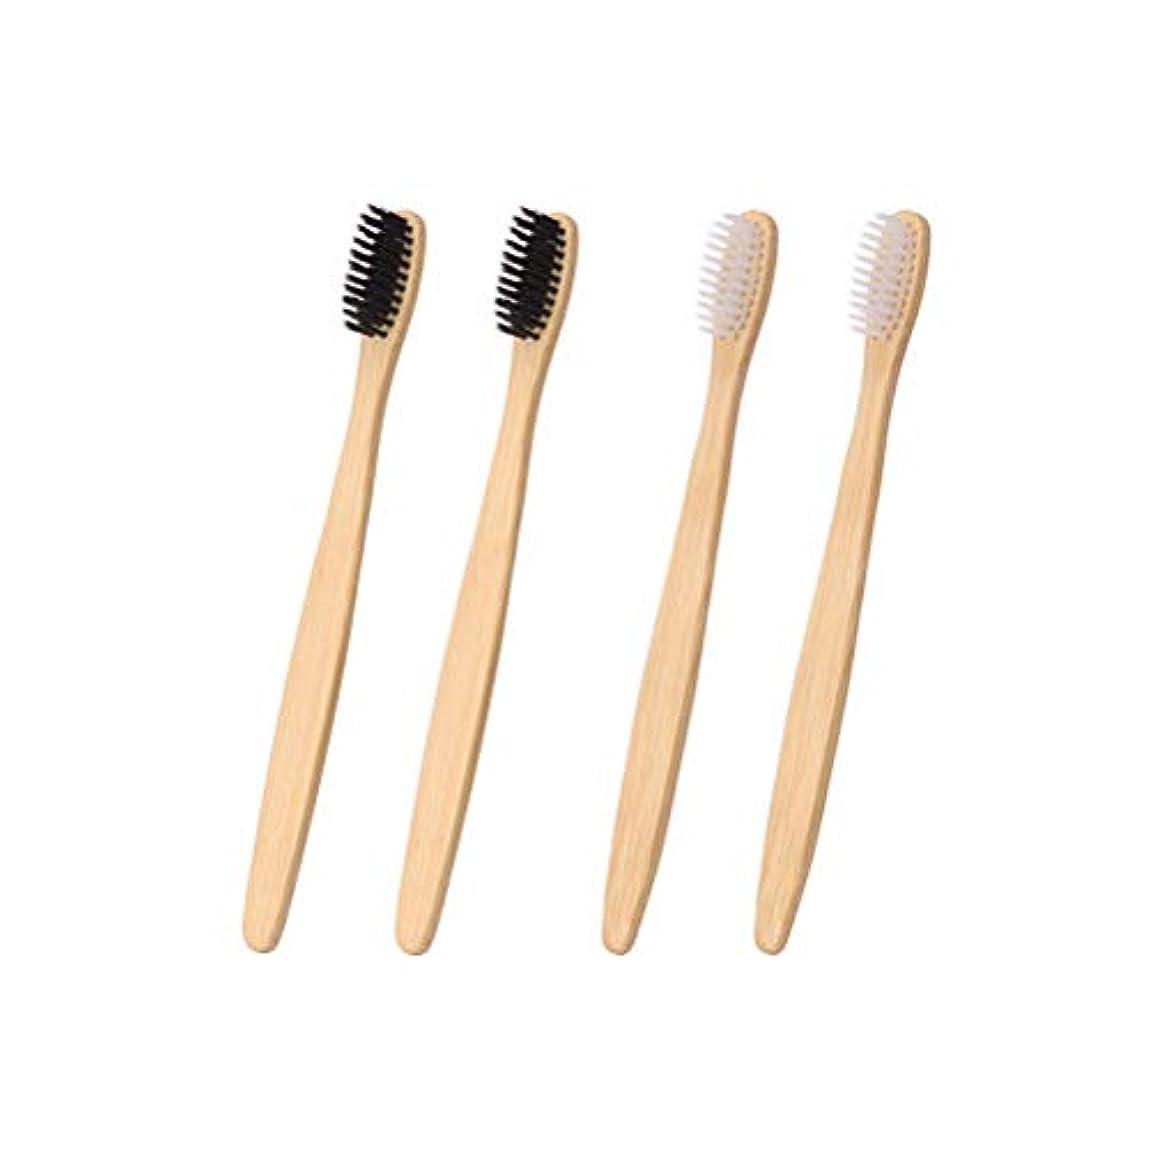 盆地褒賞ジャングルSUPVOX 4本使い捨て竹生分解性歯ブラシエコフレンドリー歯ブラシ(白黒各2本)